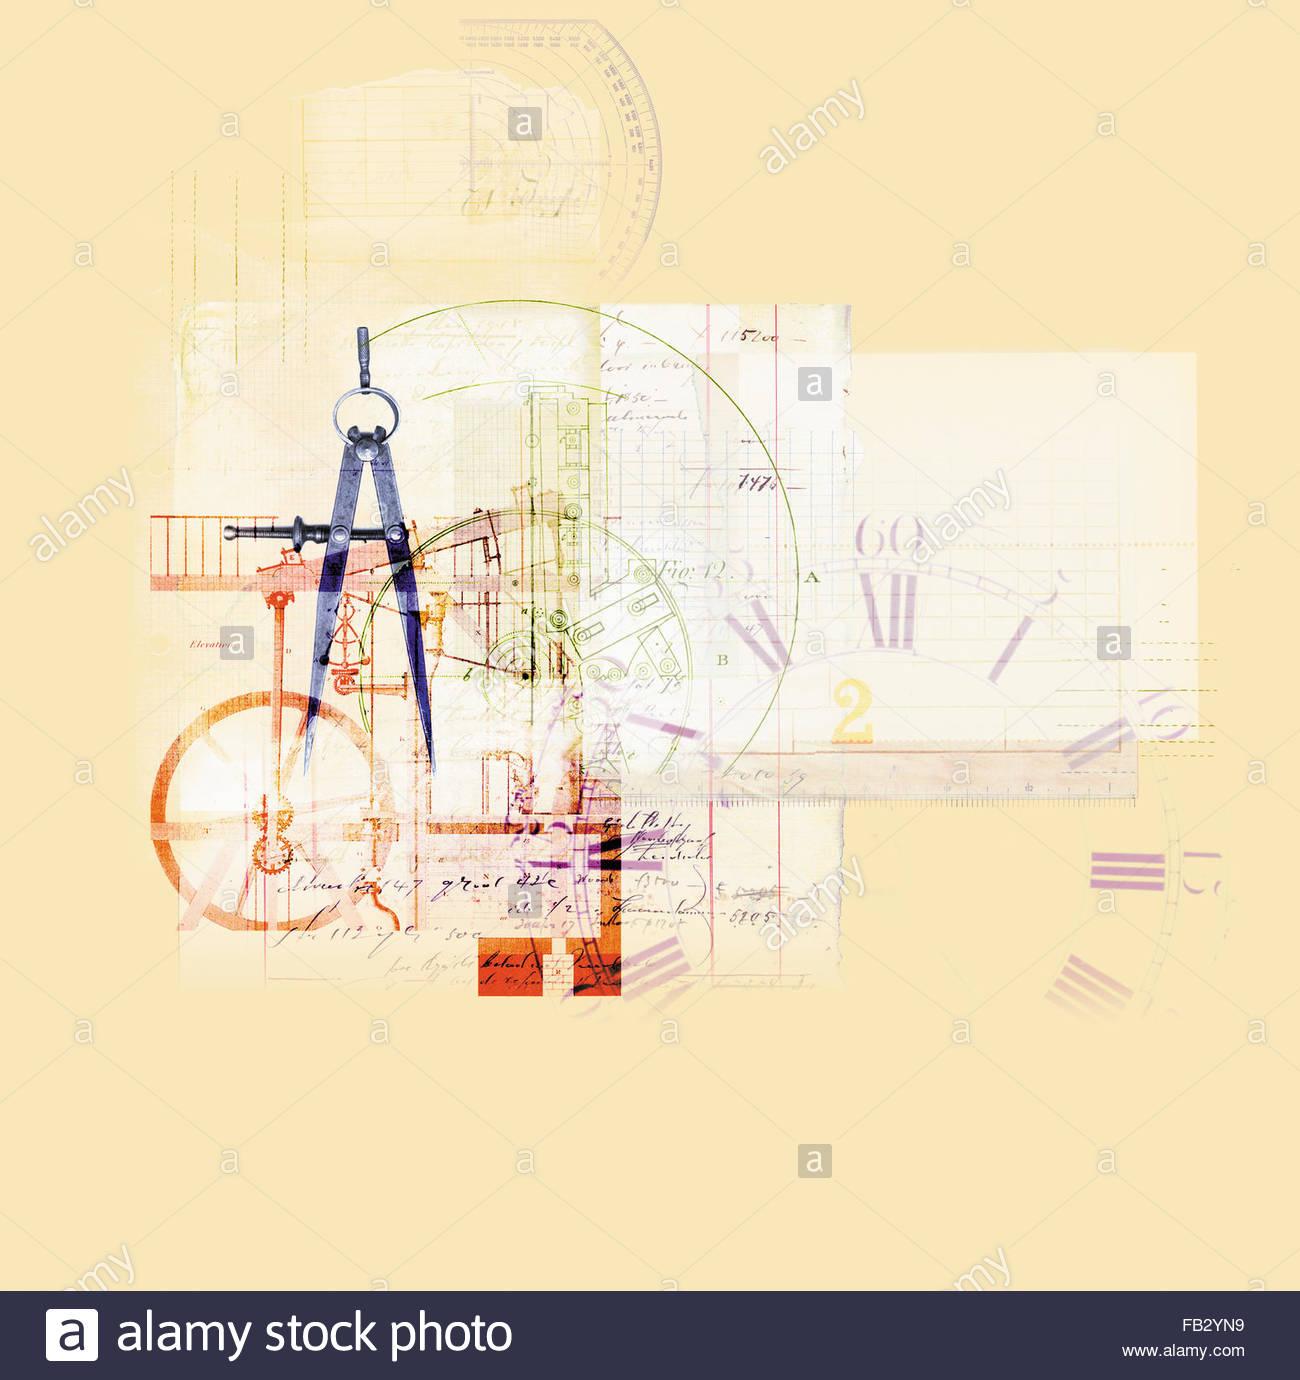 Collage aus Uhr, Konten und Messung Stockbild